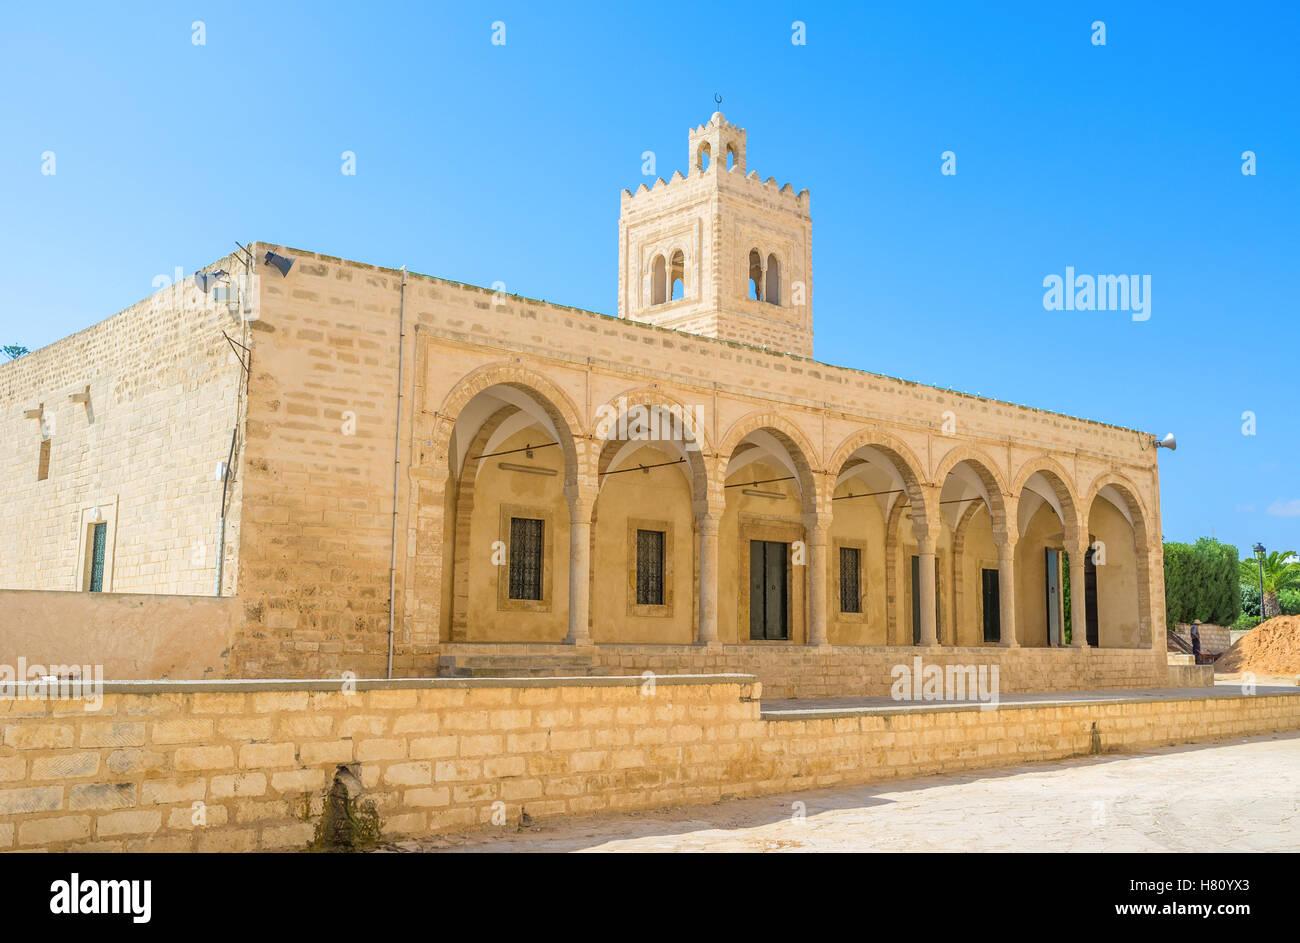 La facciata medievale della Grande Moschea, che è confinante con il ribat cittadella, Monastir, Tunisia. Immagini Stock